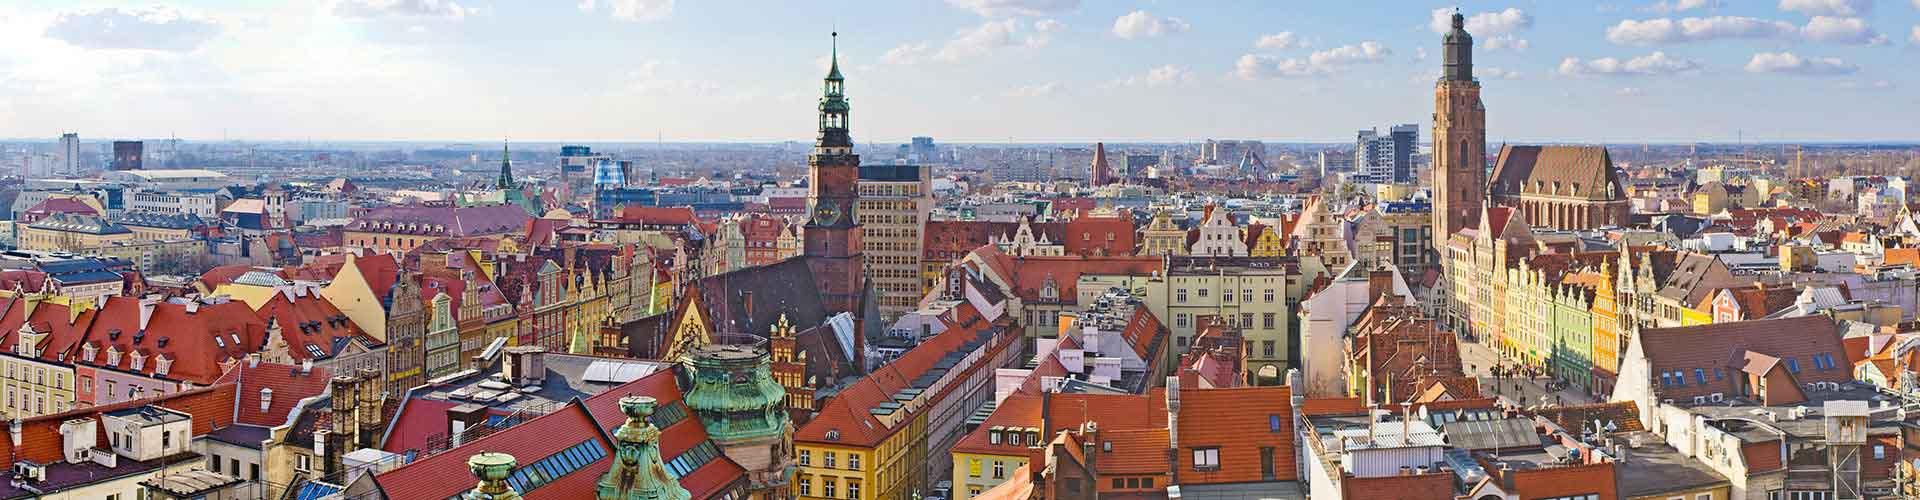 Wrocław - Hostele w mieście: Wrocław, Mapy: Wrocław, Zdjęcia i Recenzje dla każdego hostelu w mieście Wrocław.